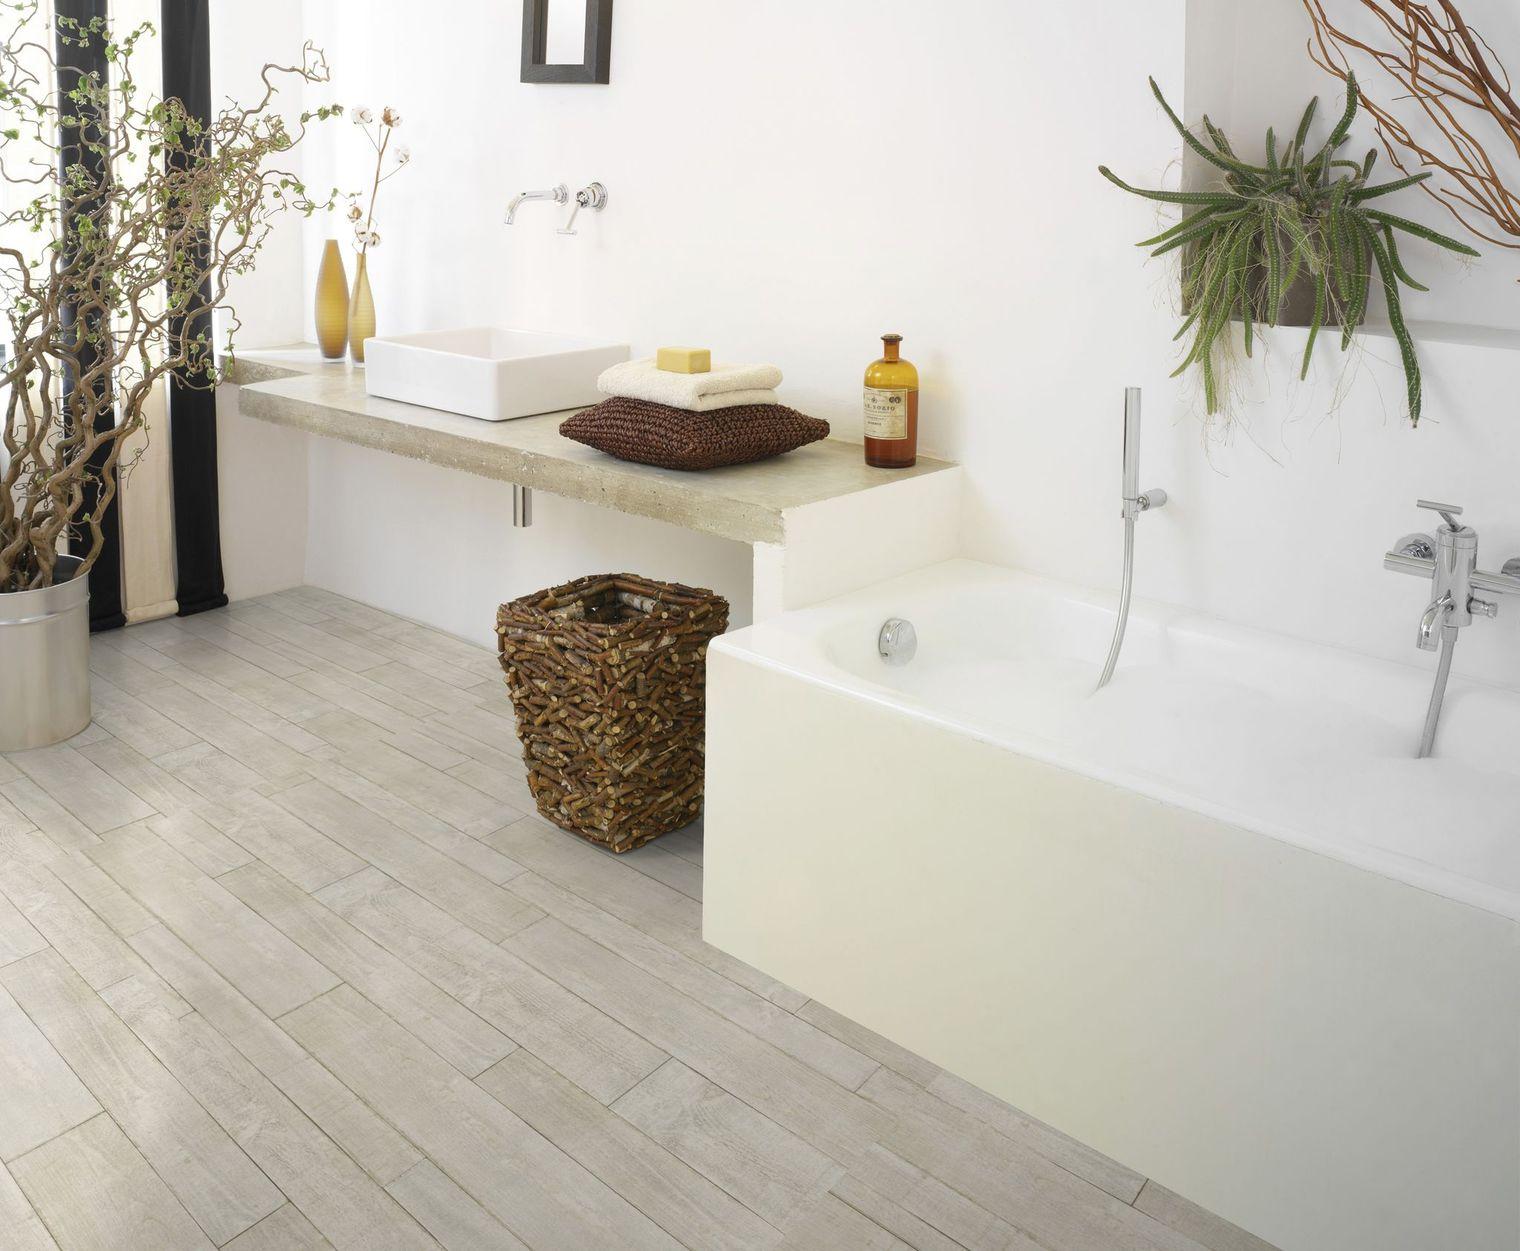 sol vinyle pour salle de bain